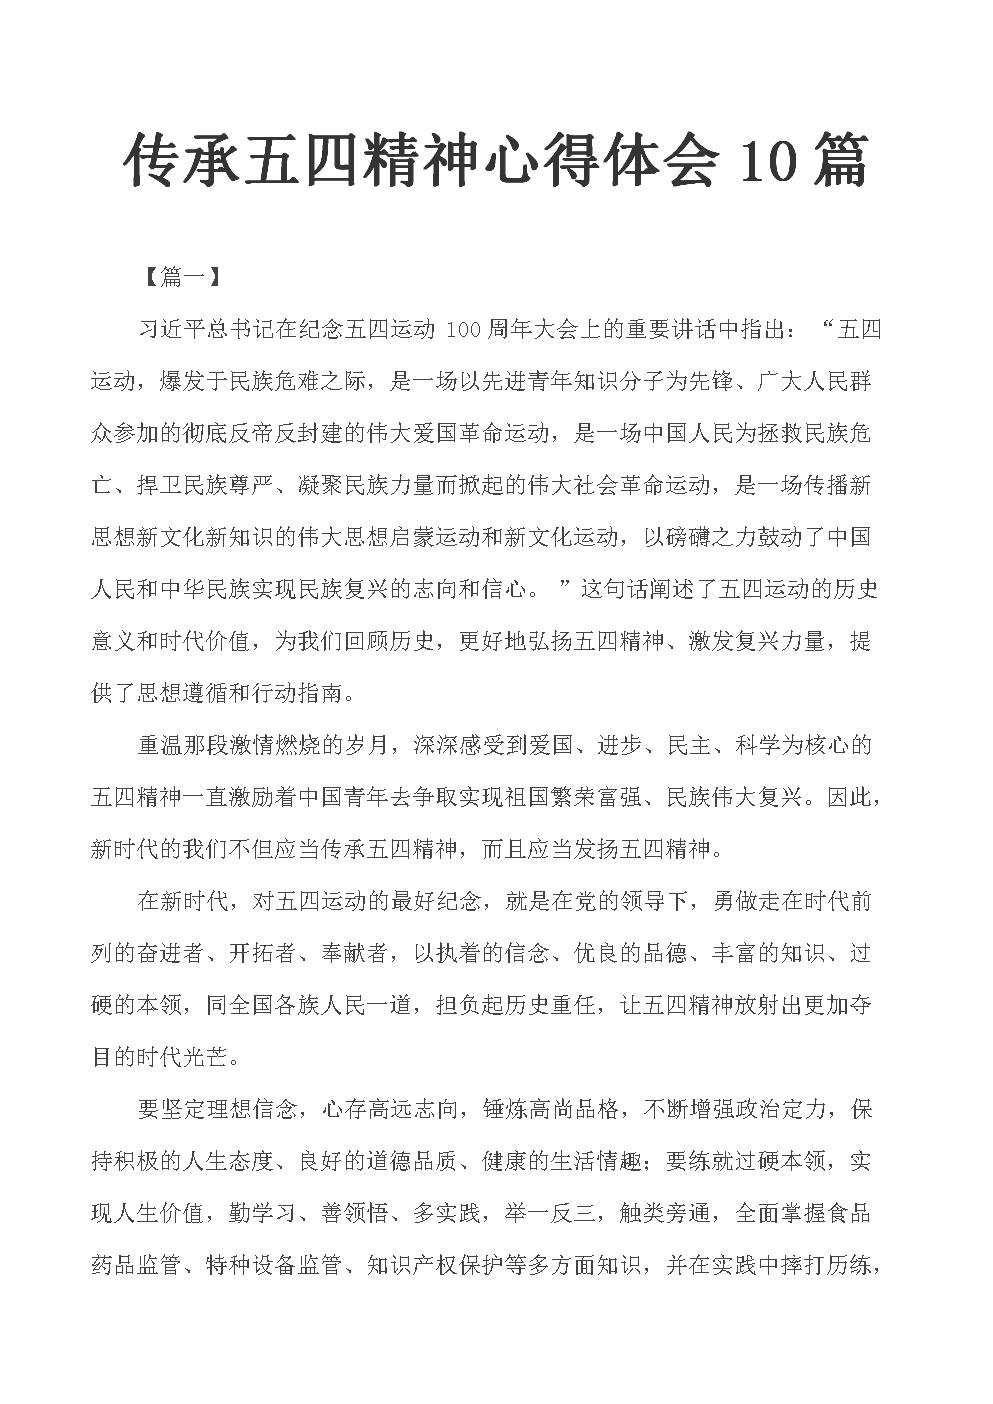 傳承五四精神心得體會10篇.docx